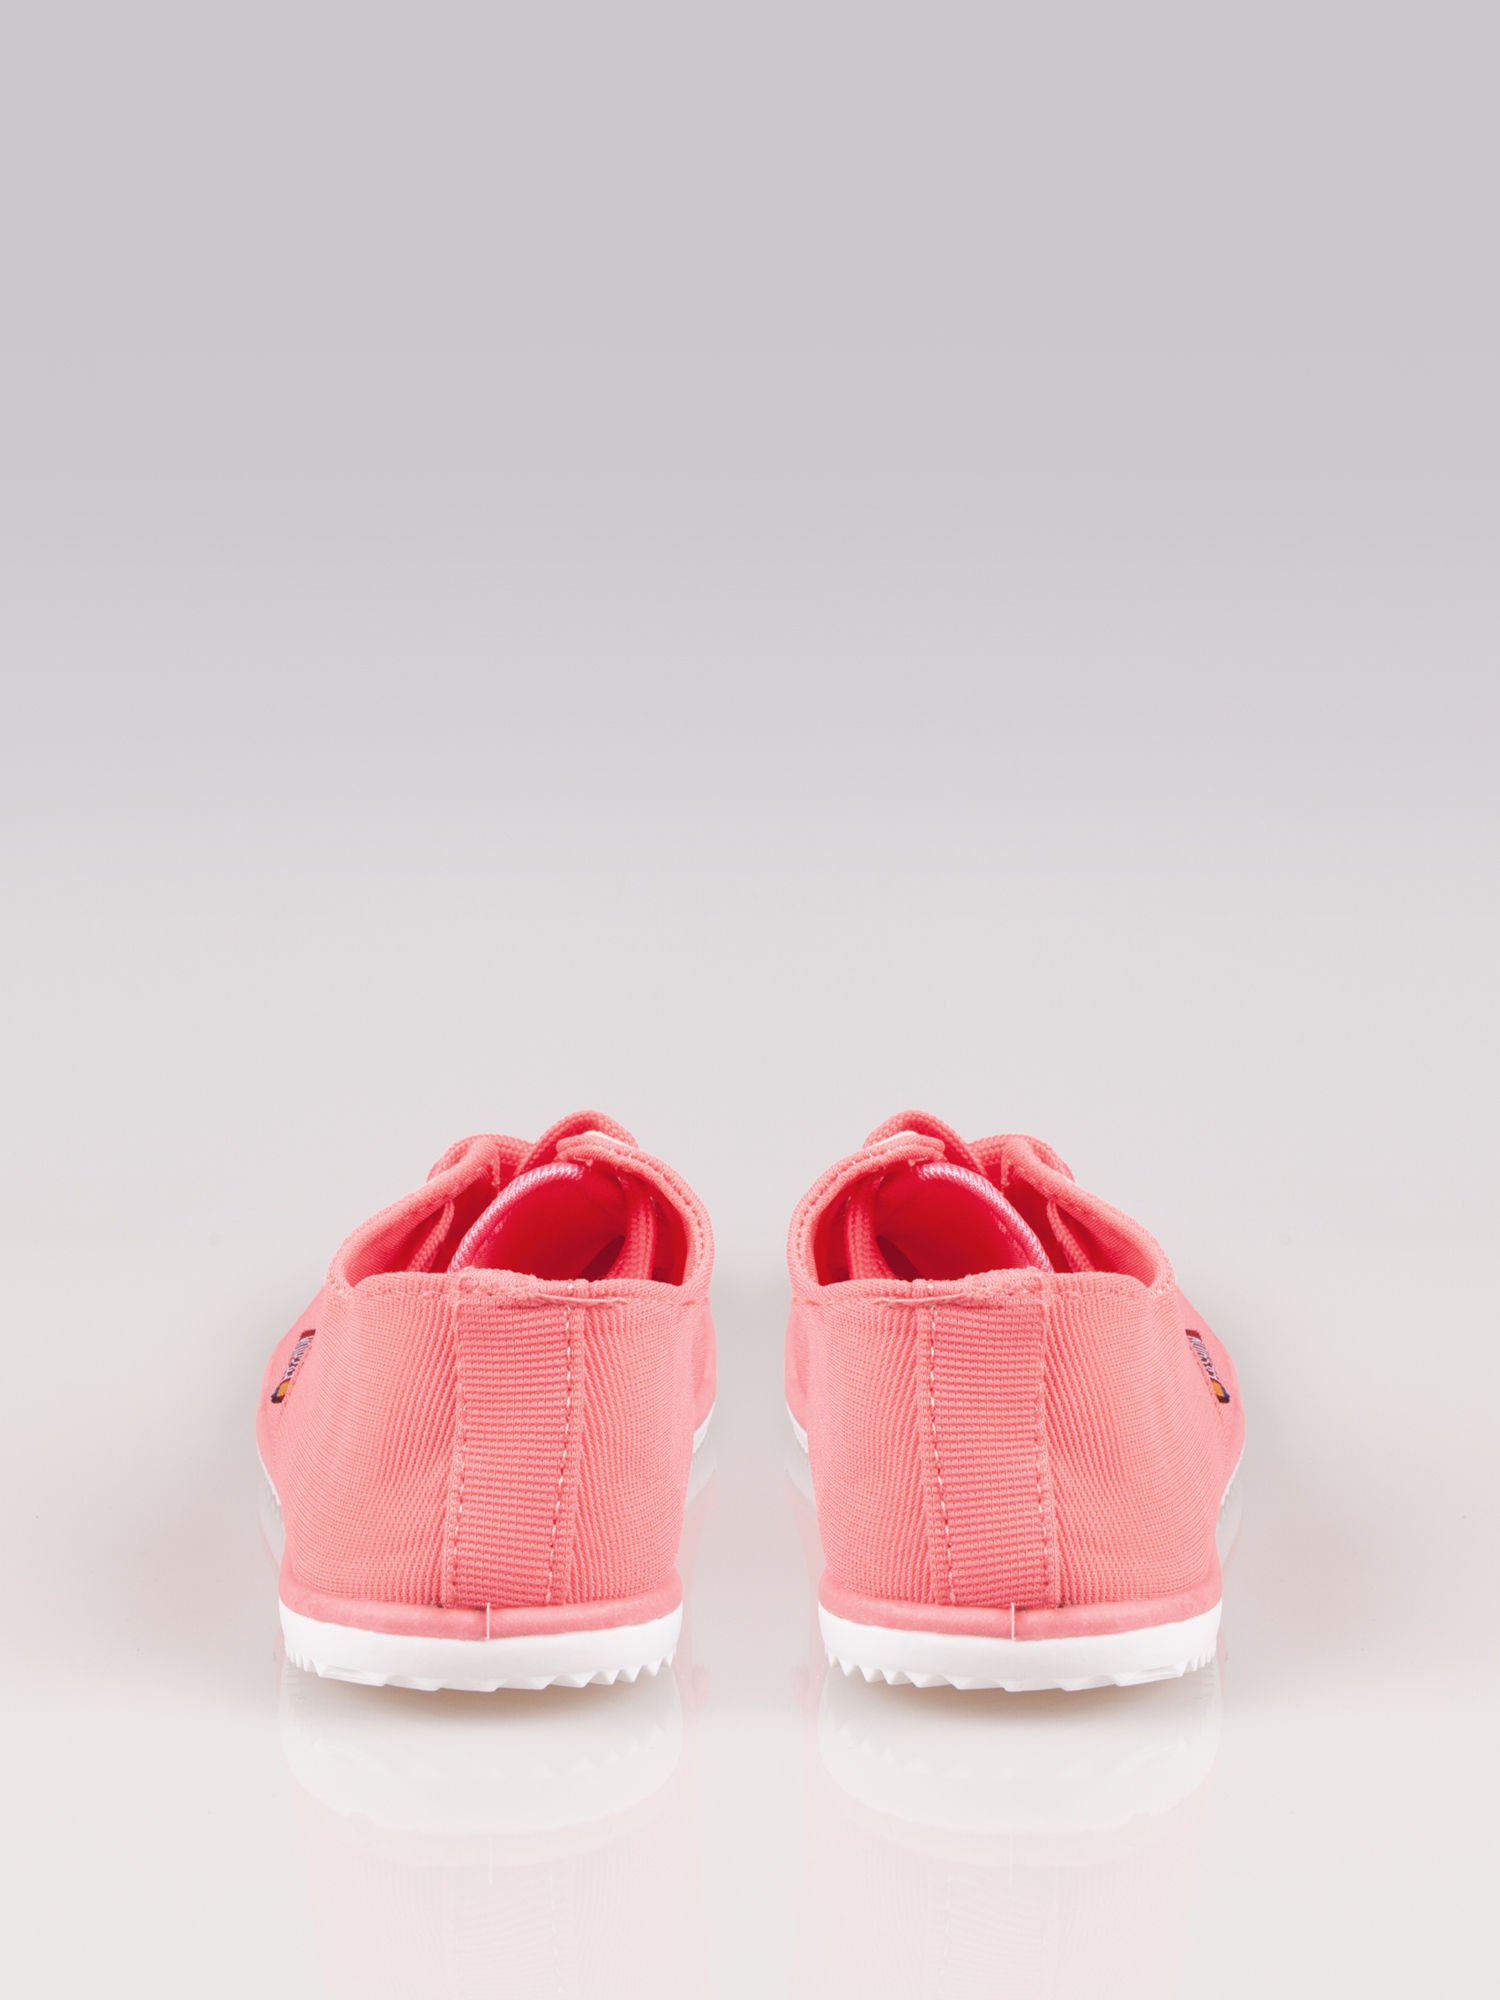 Jasnoczerwone miękkie buty casualowe damskie                                  zdj.                                  3